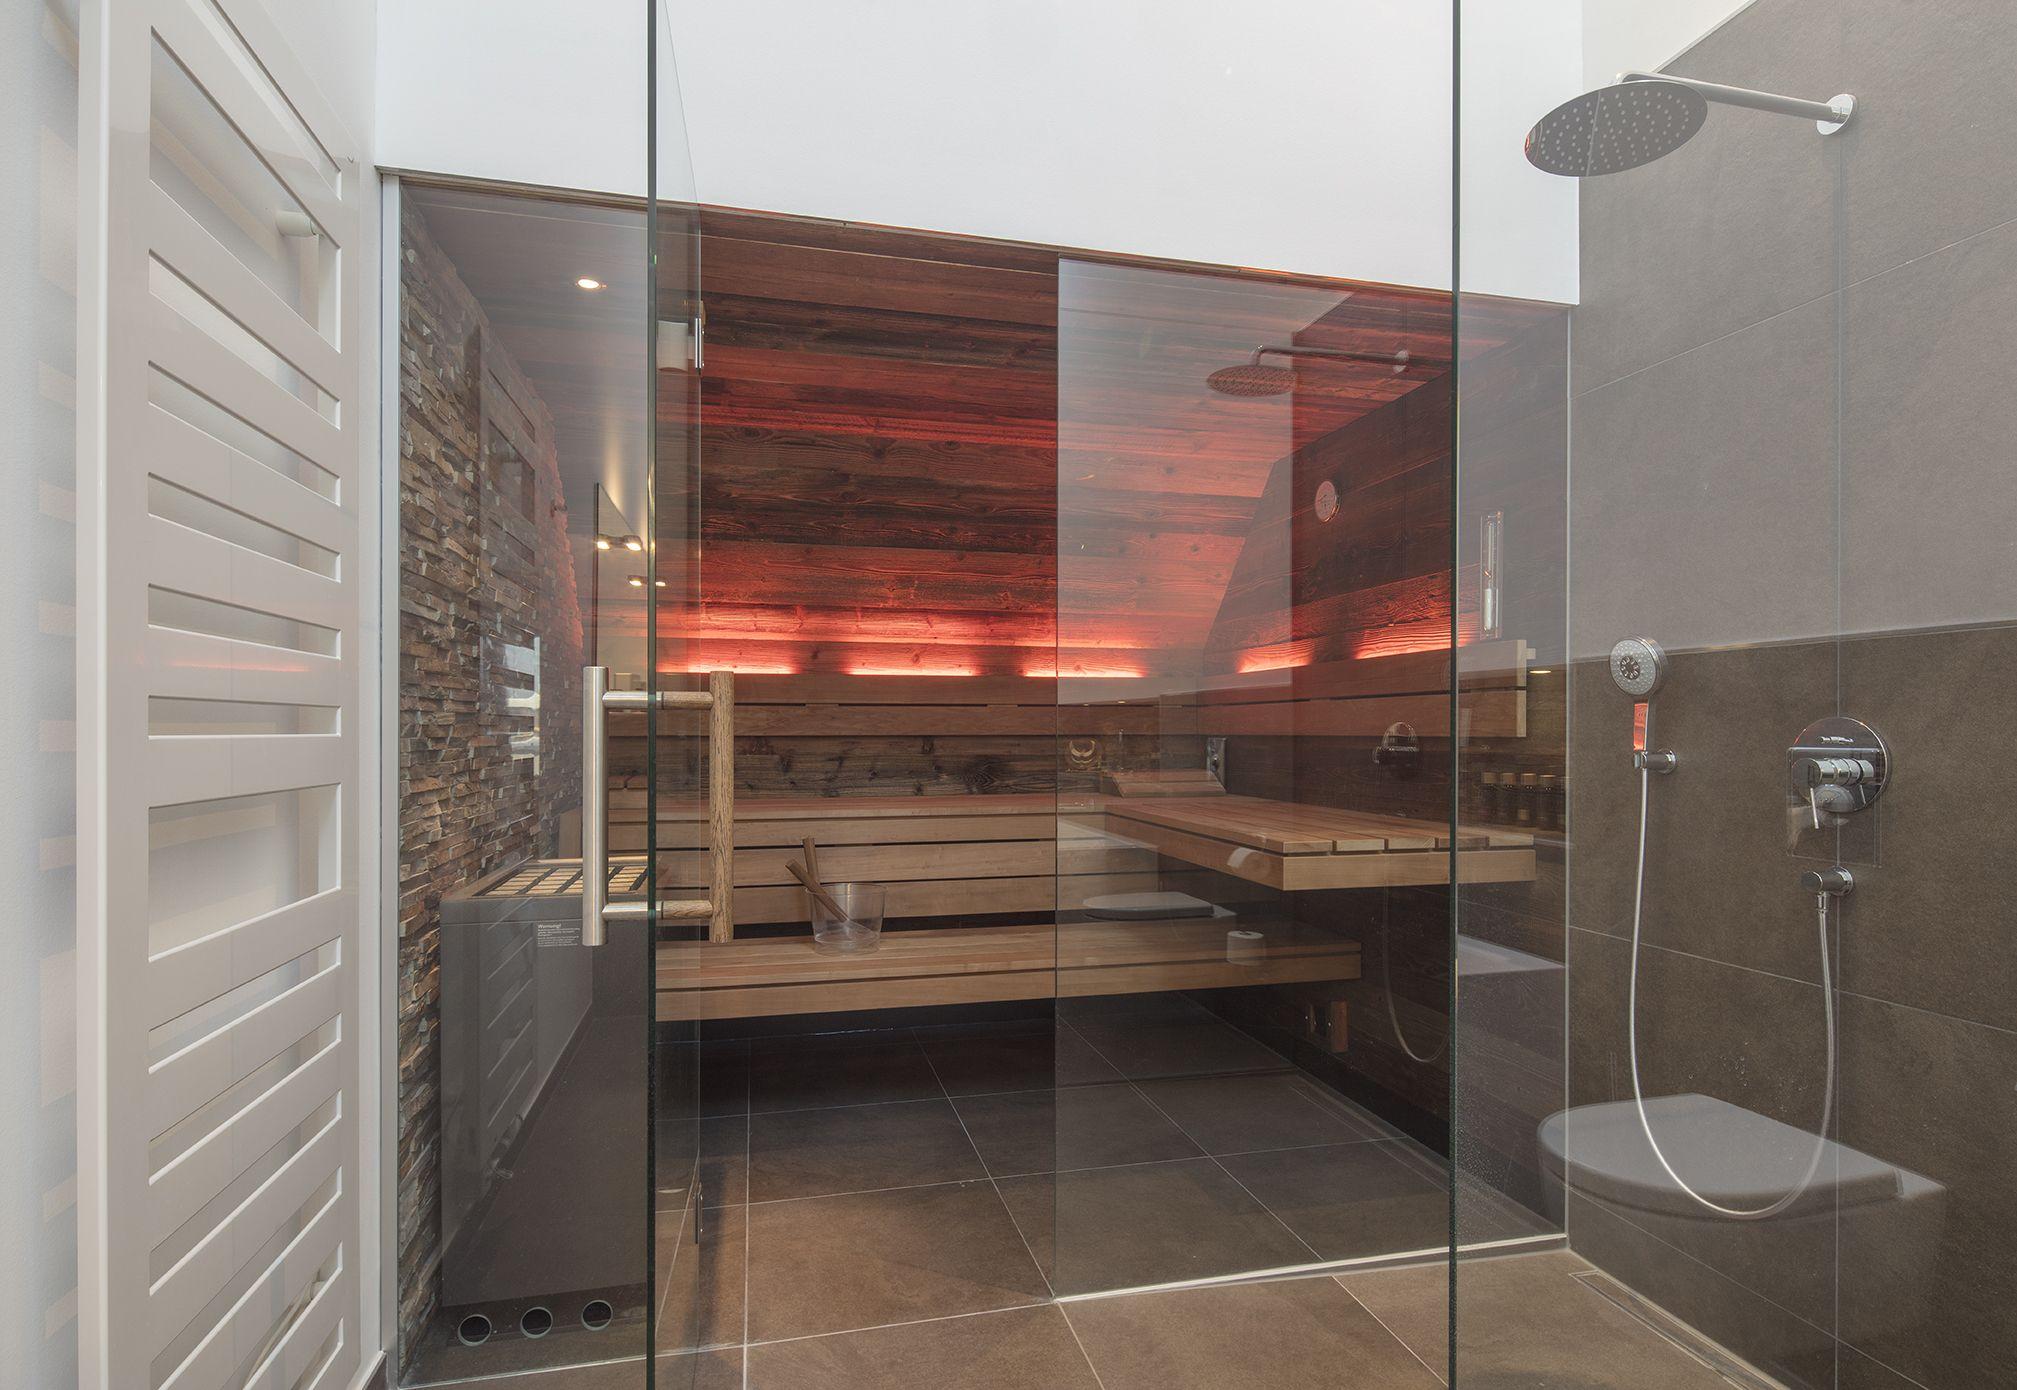 Urige Design Sauna Mit Altholz Und Natursteinelementen Mehr Inspirationen Fur Ihre Sauna Mit Glasfront Im Corso Madera Vieja Sala De Sauna Piedras Naturales